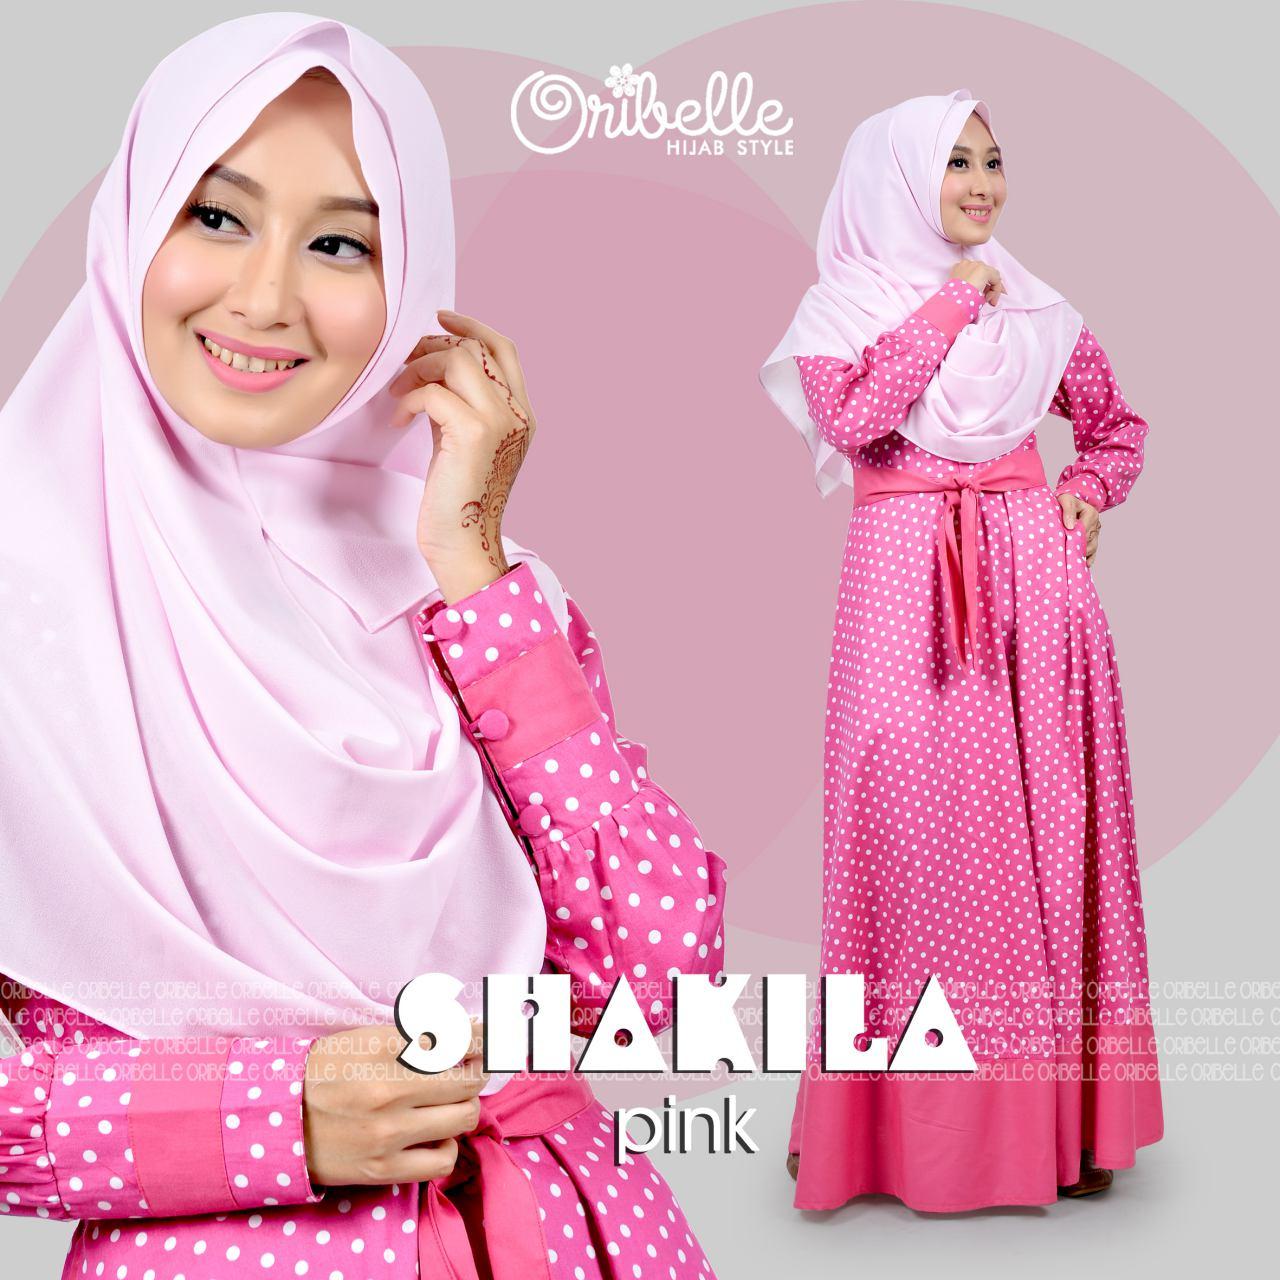 Jual baju hijab jalan jalan shakilla dress by oribelle Model baju gamis bahan katun jepang